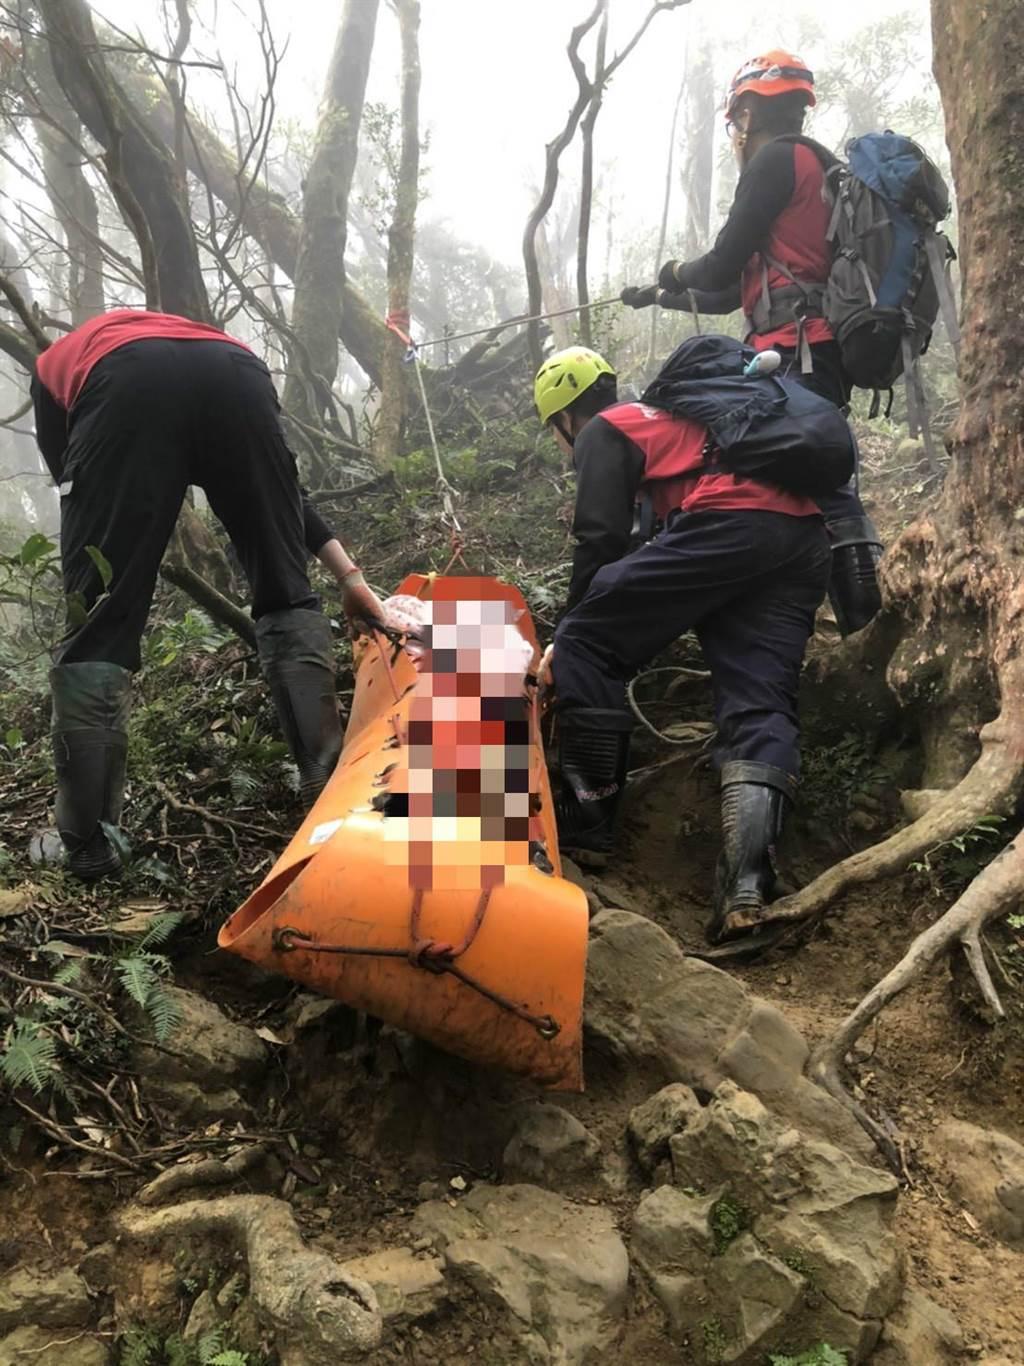 男子隨團攀登北德拉曼山,卻因身體不適突倒地身亡,警消人員救護中。(翻攝照片)